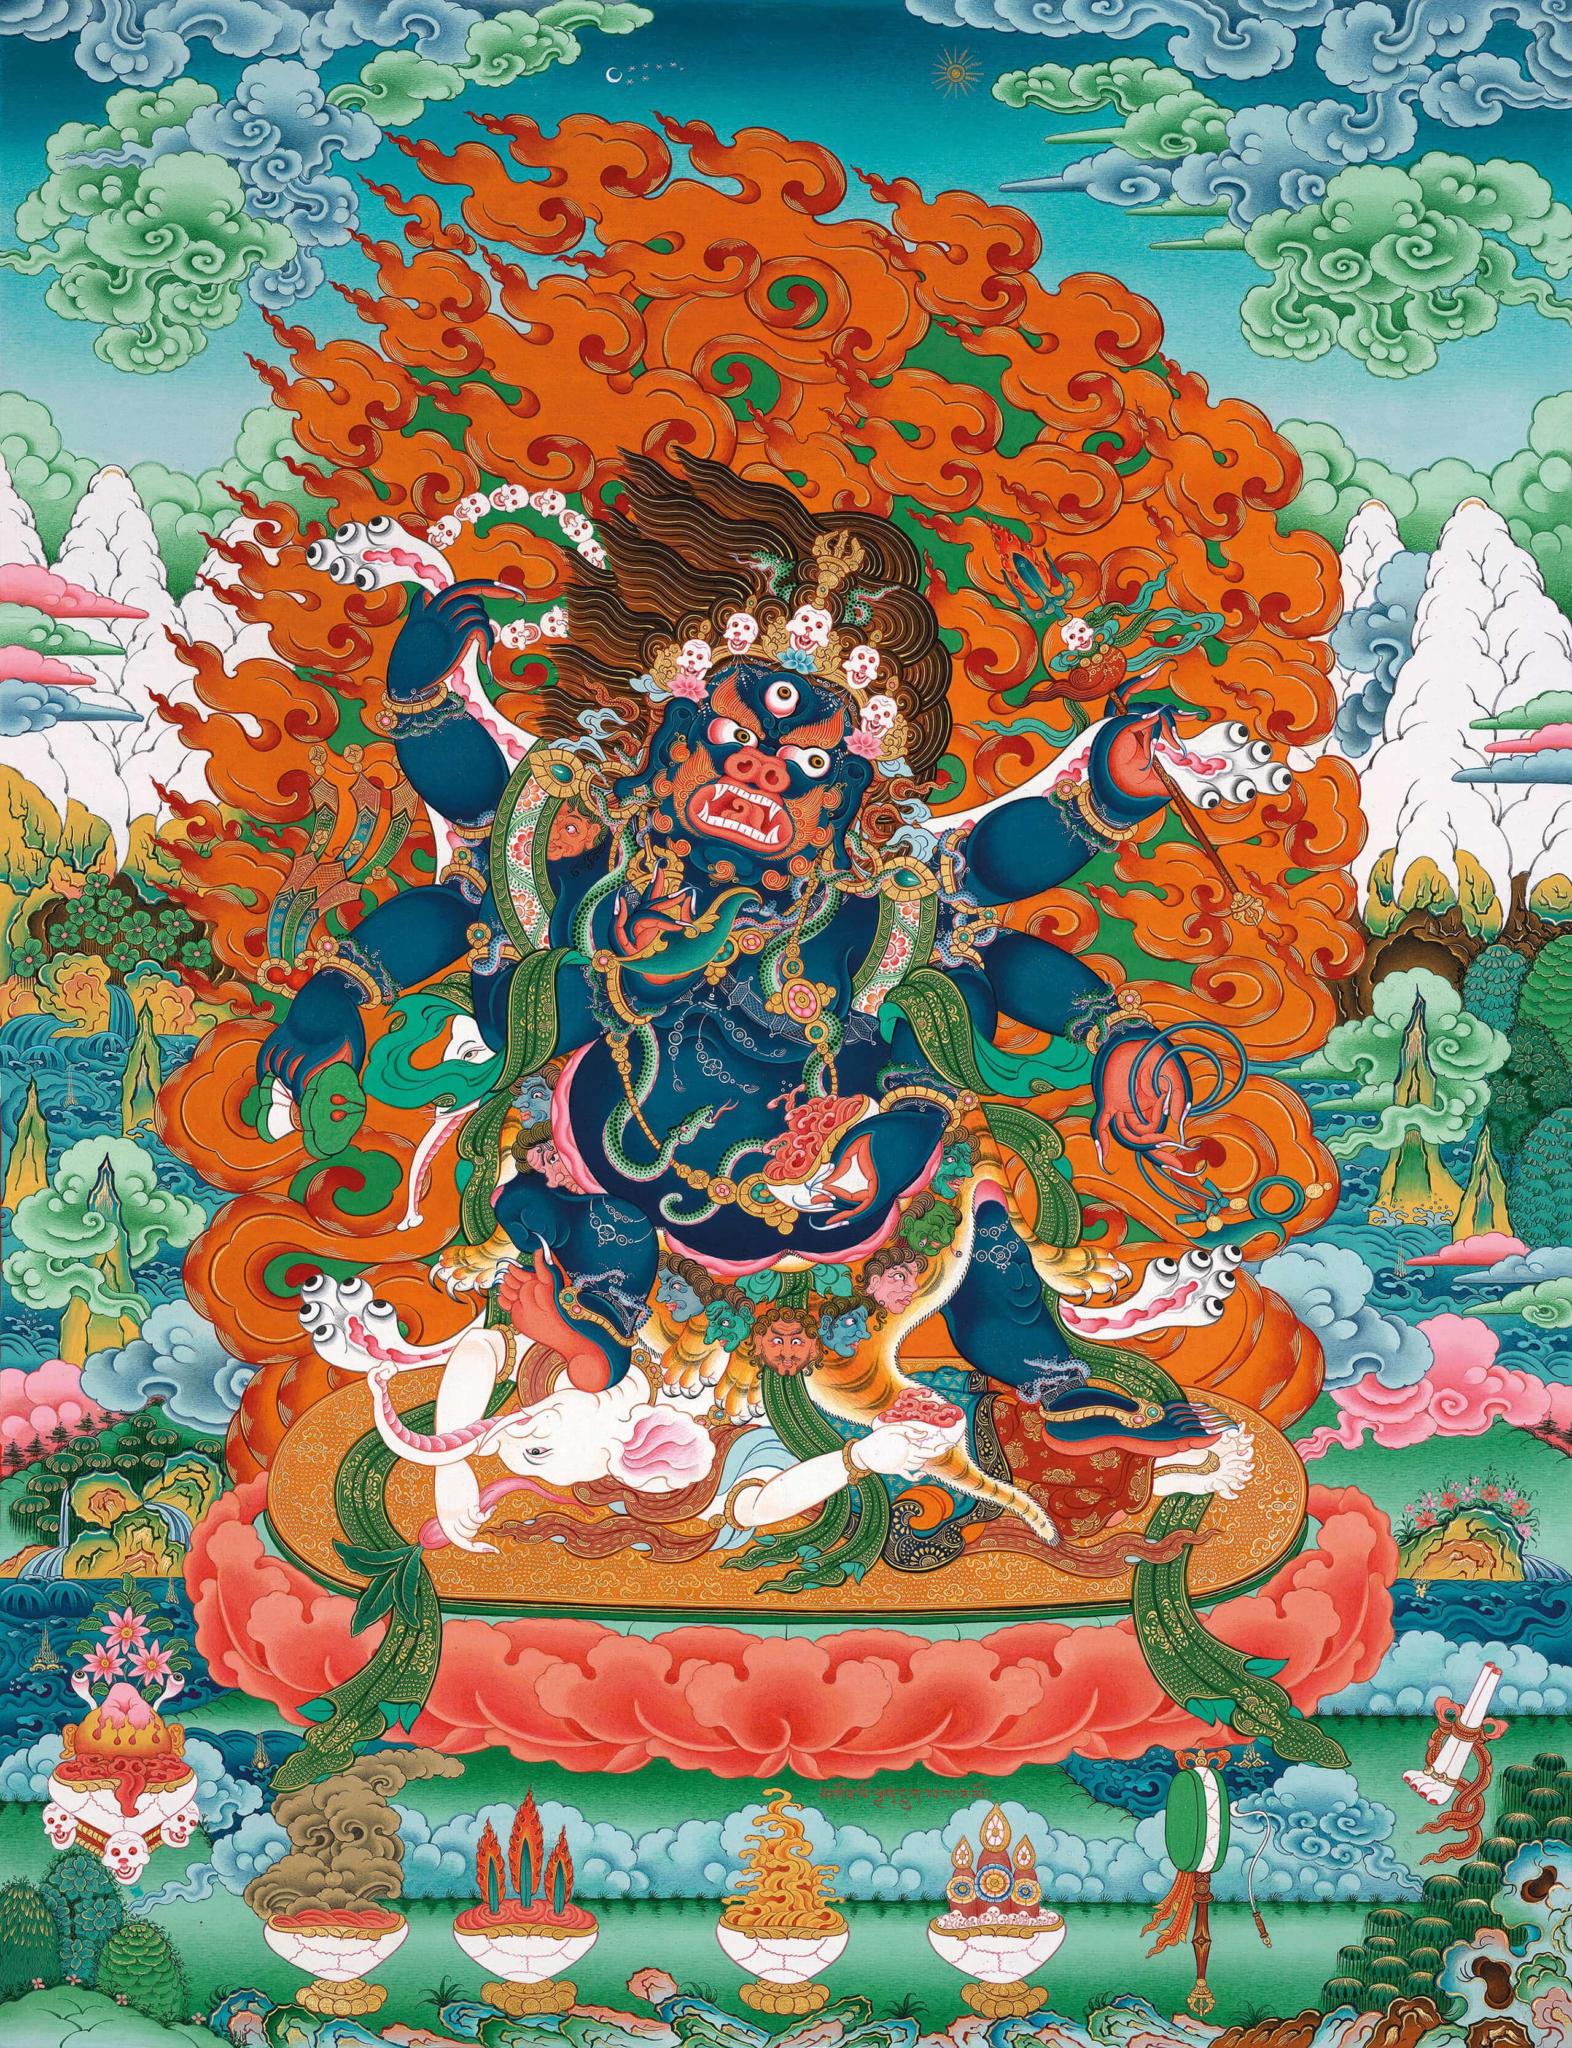 махакала, защитники учения, буддизм, искусство танка, дудко